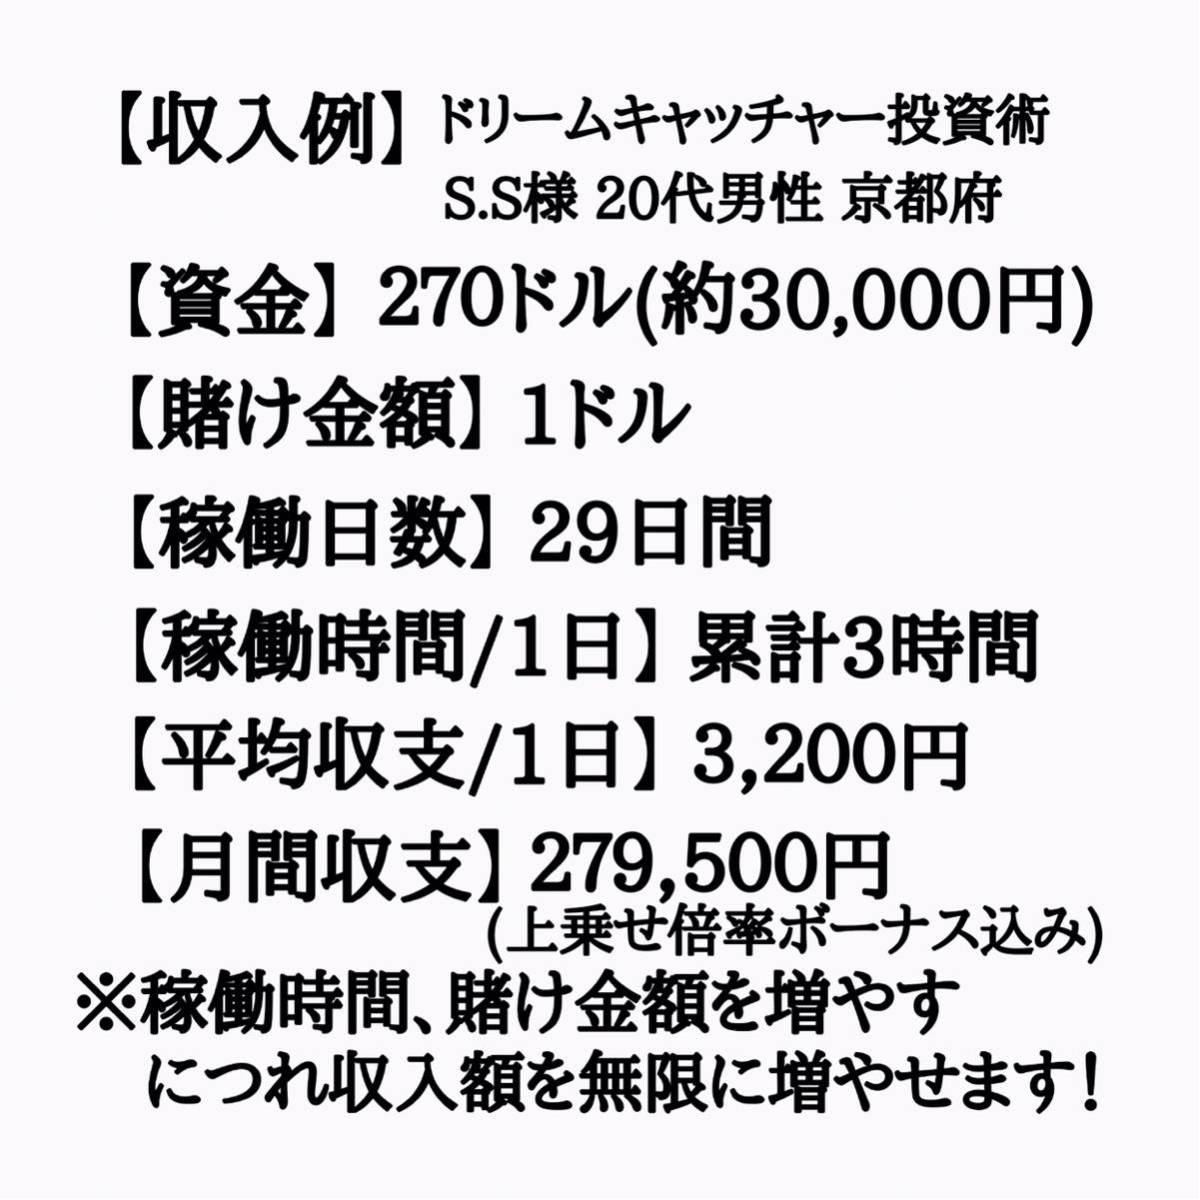 《先着3名様限定》通常価格¥90,000円⇒先着限定価格¥6,980円 完全オリジナル極秘投資術セット 攻略法 仮想通貨 FX 投資 カジノ 副業_画像9